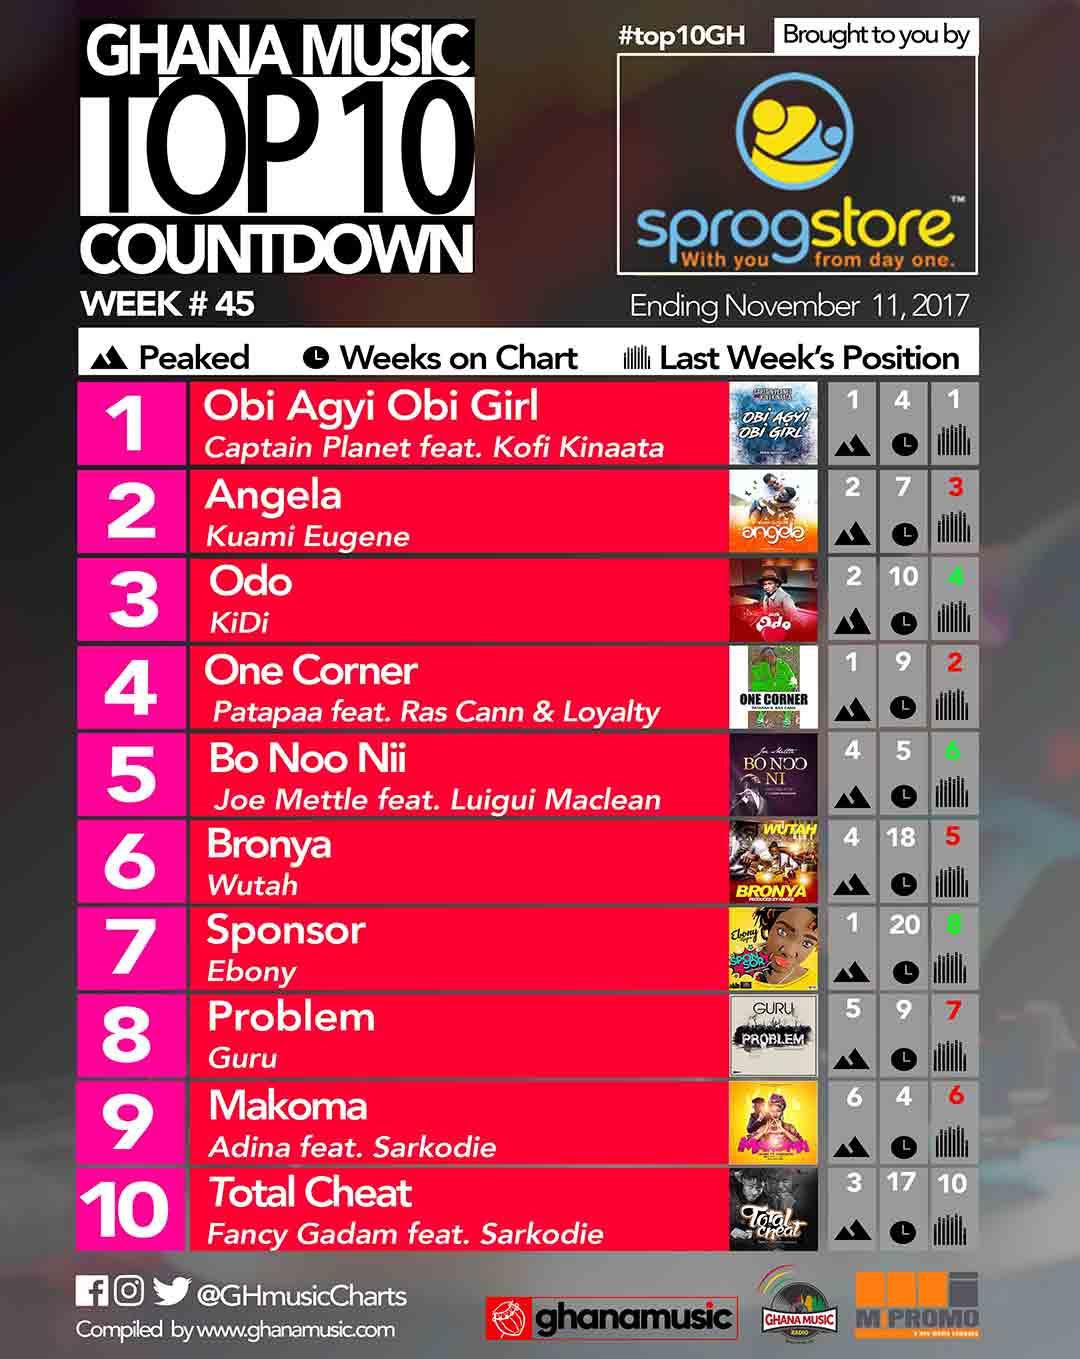 Week #45: Week ending Saturday, November 11th, 2017. Ghana Music Top 10 Countdown.